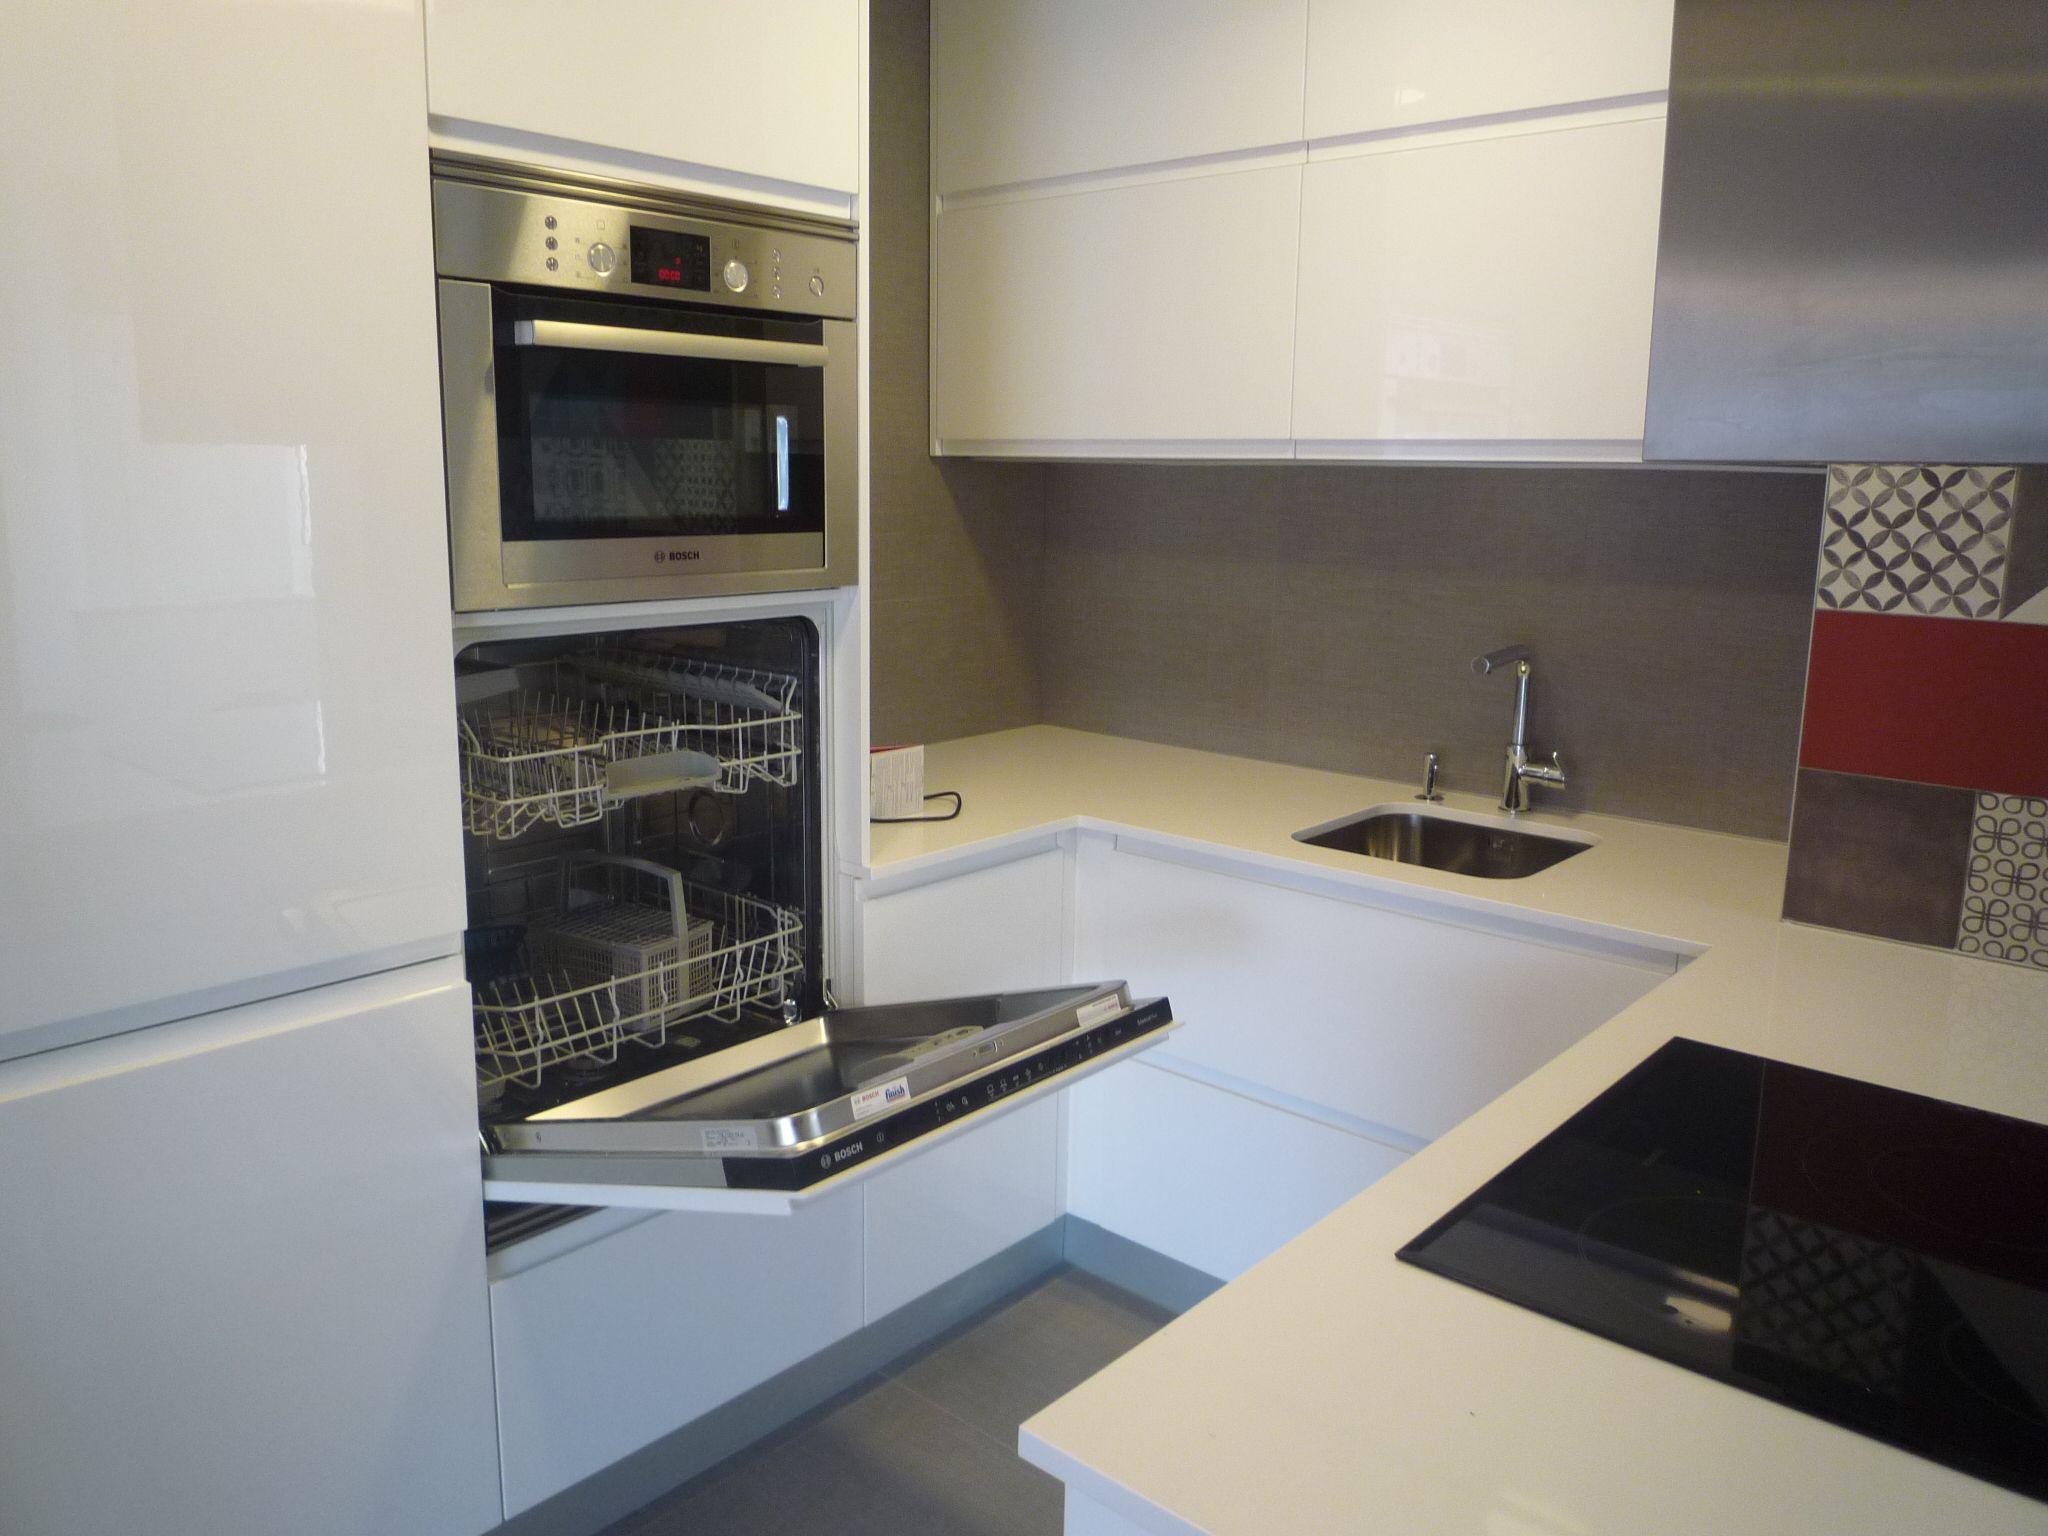 Como Disenar Una Cocina 10decoracion Cocinas Con Lavavajillas Como Disenar Una Cocina Diseno De Cocina Comedor